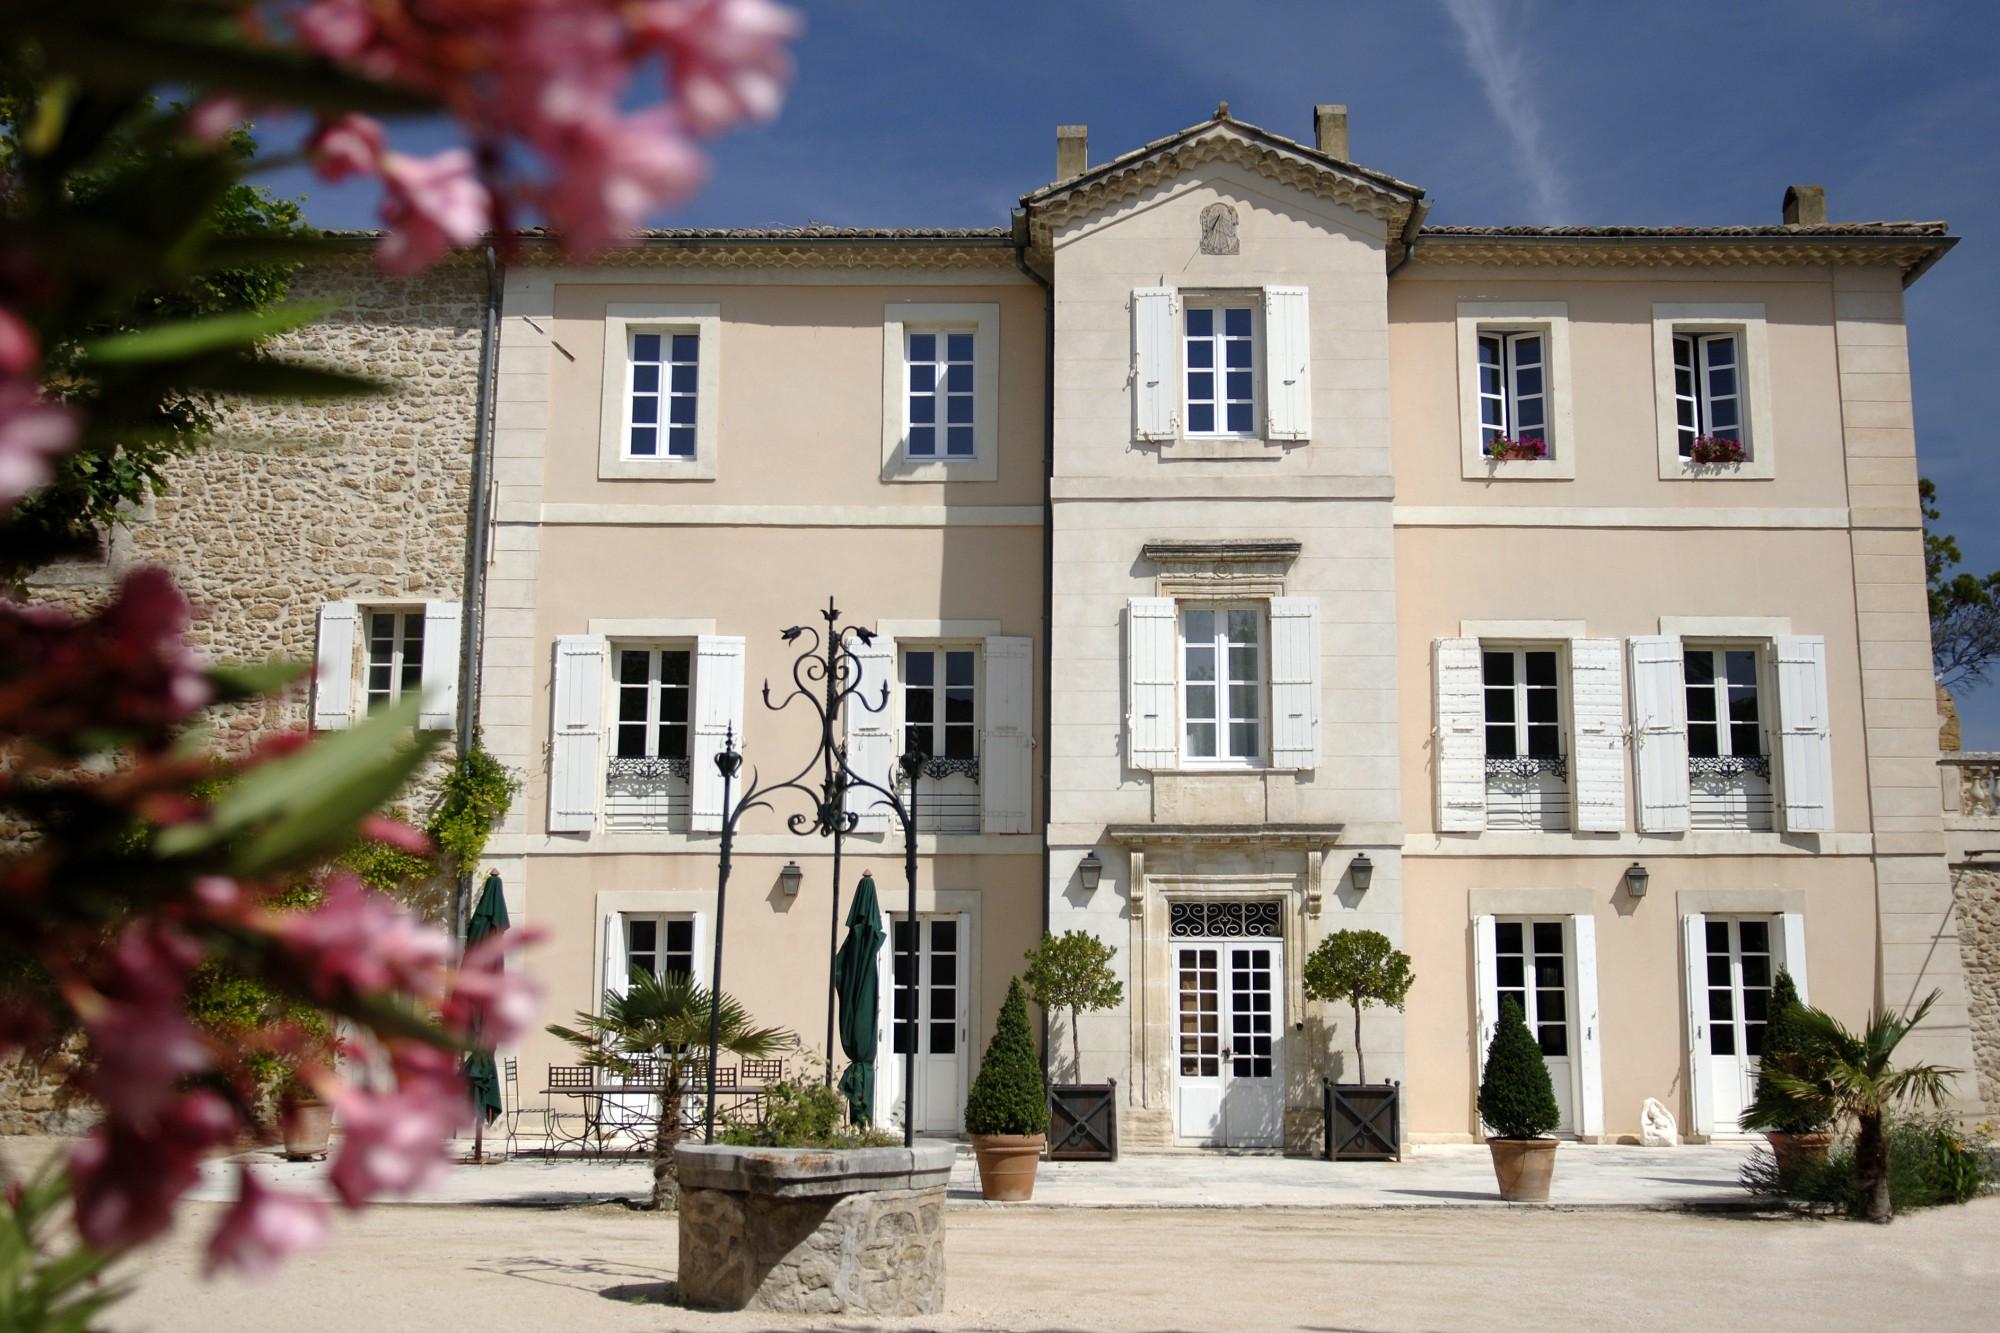 Chateau à vendre proche Avignon